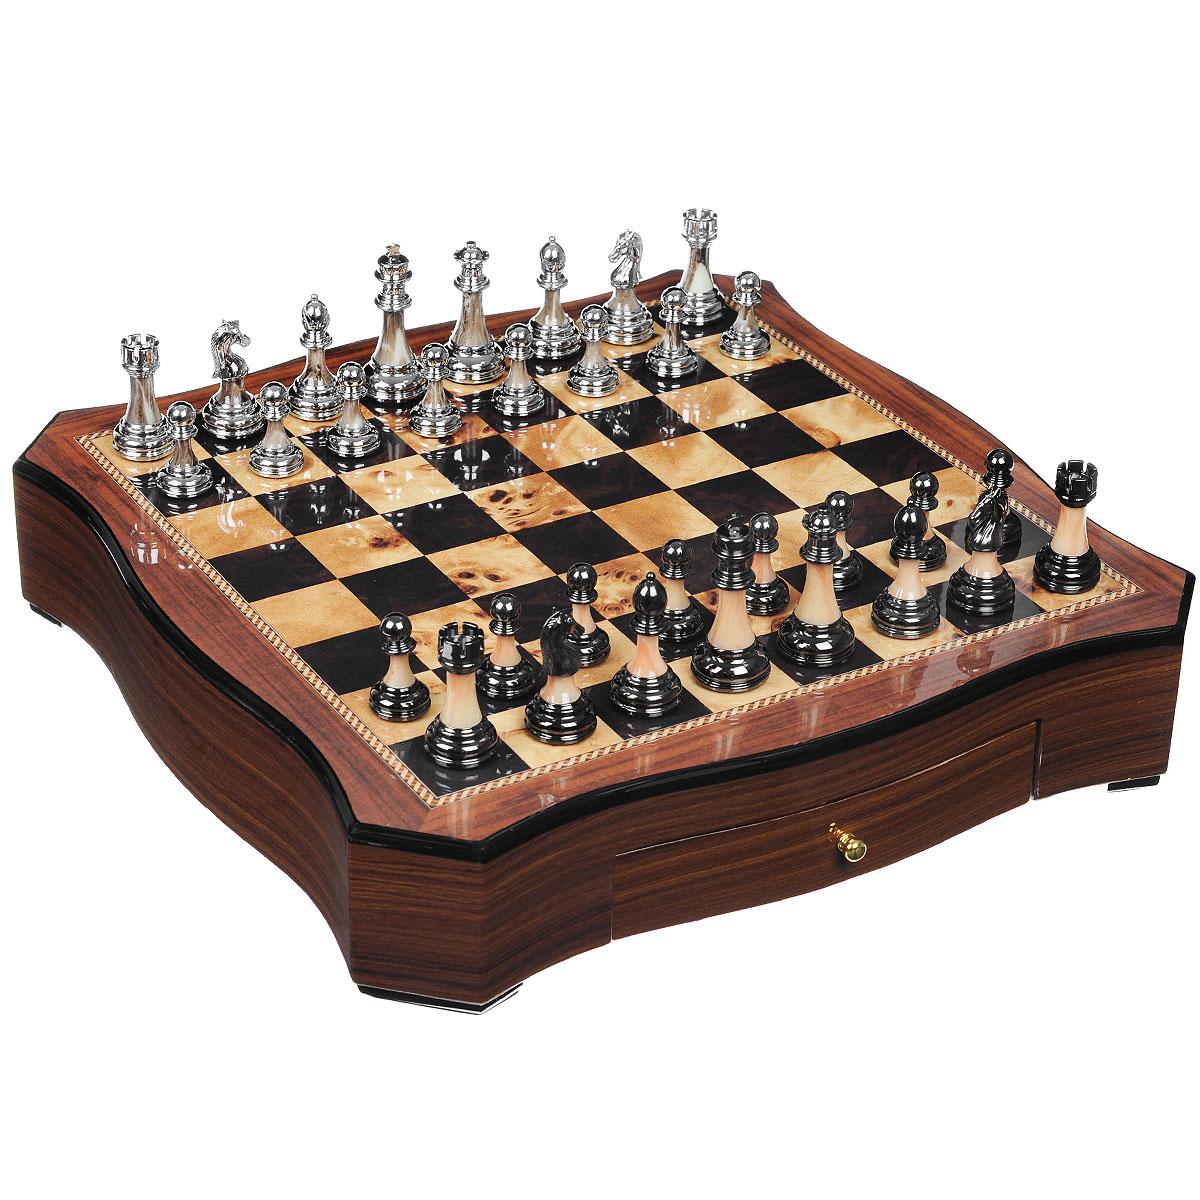 Игра настольная Русские Подарки Шахматы, размер: 49*49*10 см. 4453744537Настольная игра Русские Подарки Шахматы, выполненная из натурального дерева, очень увлекательна. В комплект игры входят: 32 шахматных фигуры (16 белых и 16 черных) и деревянное игровое поле, внутри которого два выдвижных ящичка для хранения фигурок. Шахматы - настольная логическая игра, которая соединяет в себе элементы и искусства, и науки, и спорта. Название берет начало из персидского языка шах и мат, что означает шах умер. Считается, что история шахмат насчитывает не менее полутора тысяч лет. Впервые наиболее близкая по смыслу игра появилась в Индии в 6 веке нашей эры, затем, претерпев некоторые изменения в правилах, начала распространяться в близлежащих странах. Модификации игры продолжались, пока в 19 веке не сформировались окончательные правила, необходимые для проведения международных турниров. Шахматы помогут развить логическое мышление и позволят вам интересно и с пользой провести время.